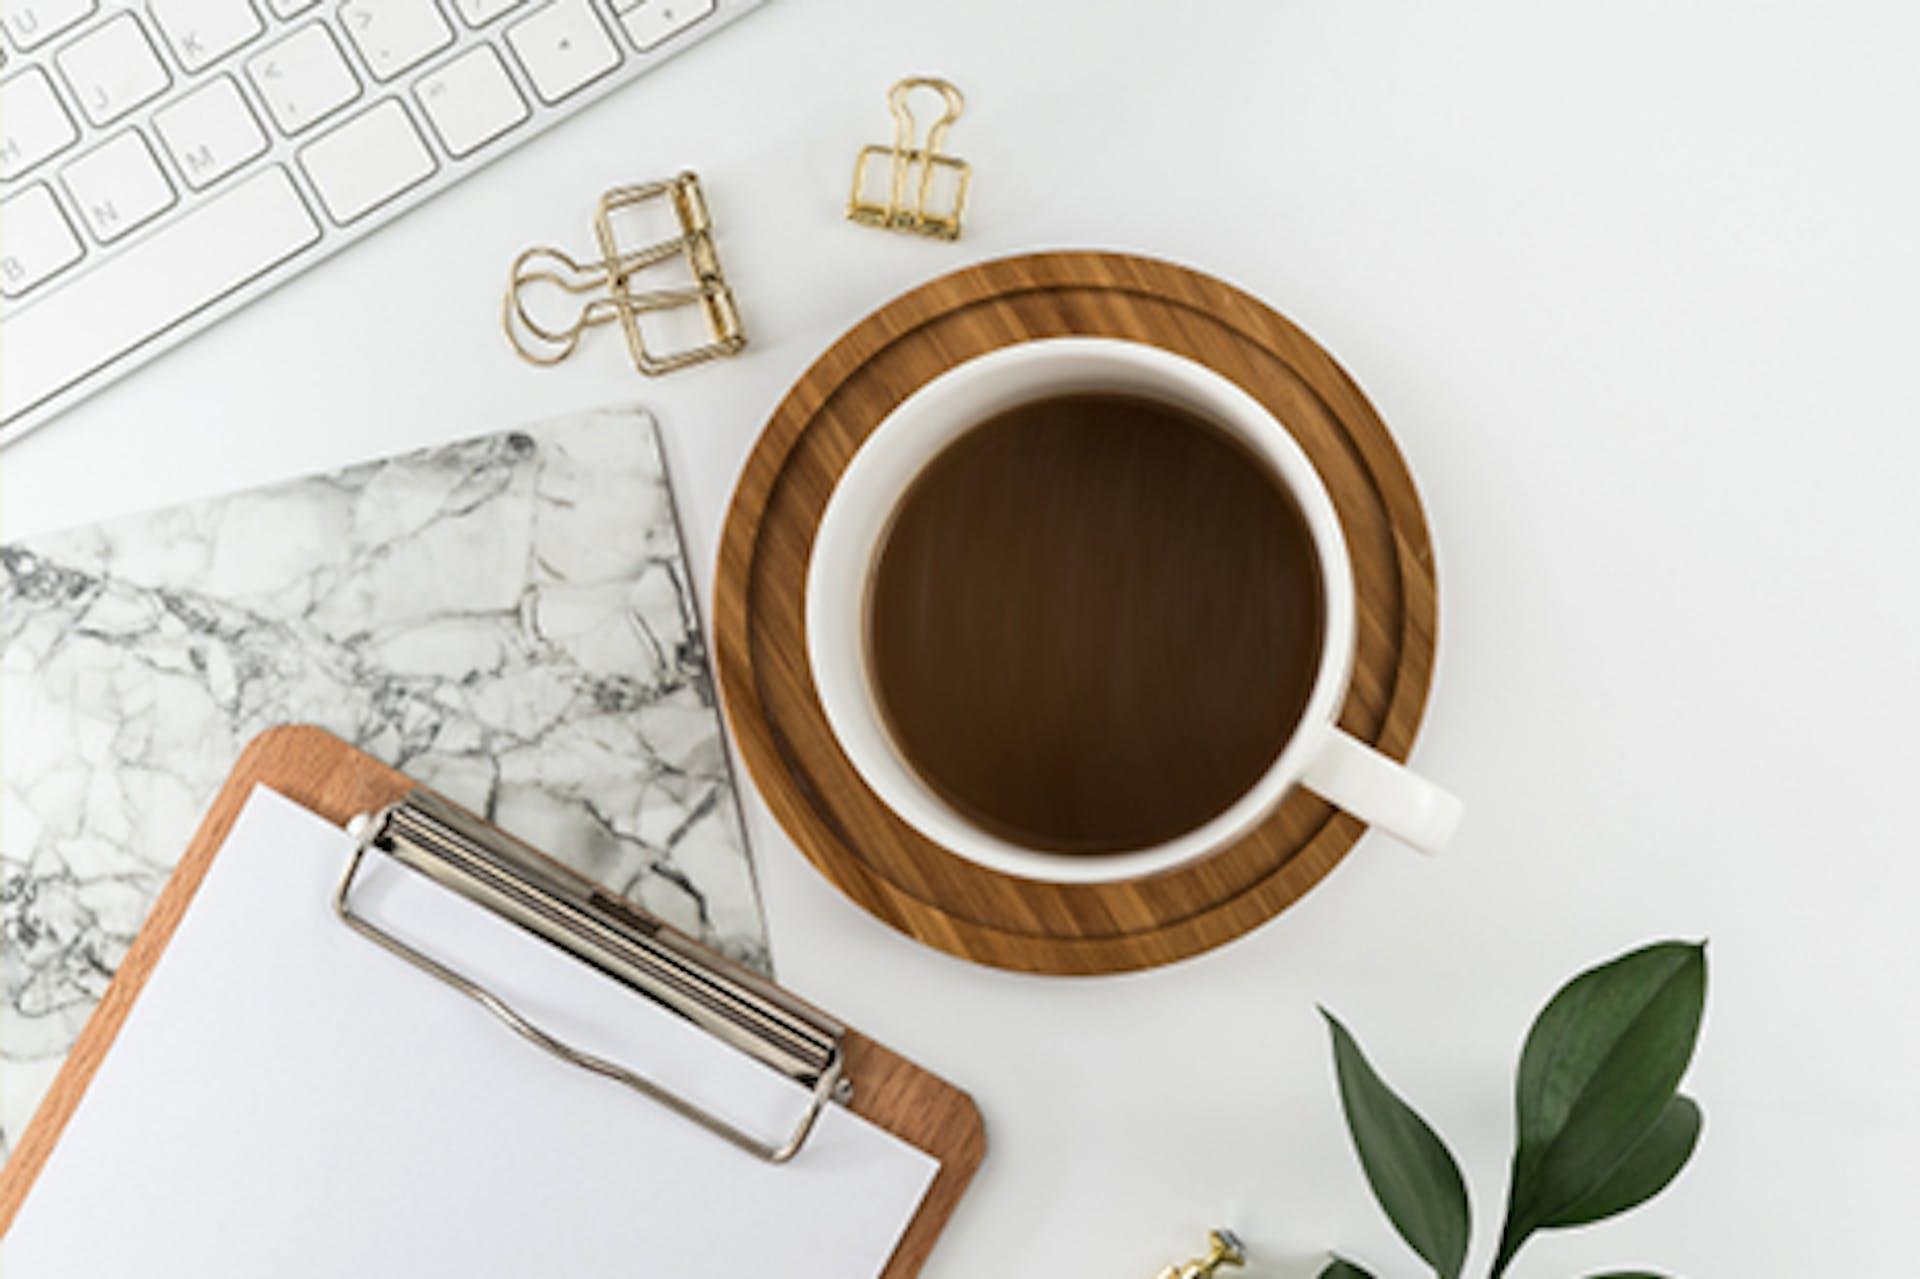 Kafeetasse auf Tisch mit Aufschrift Content Marketing 7 Fragen 7 Antworten